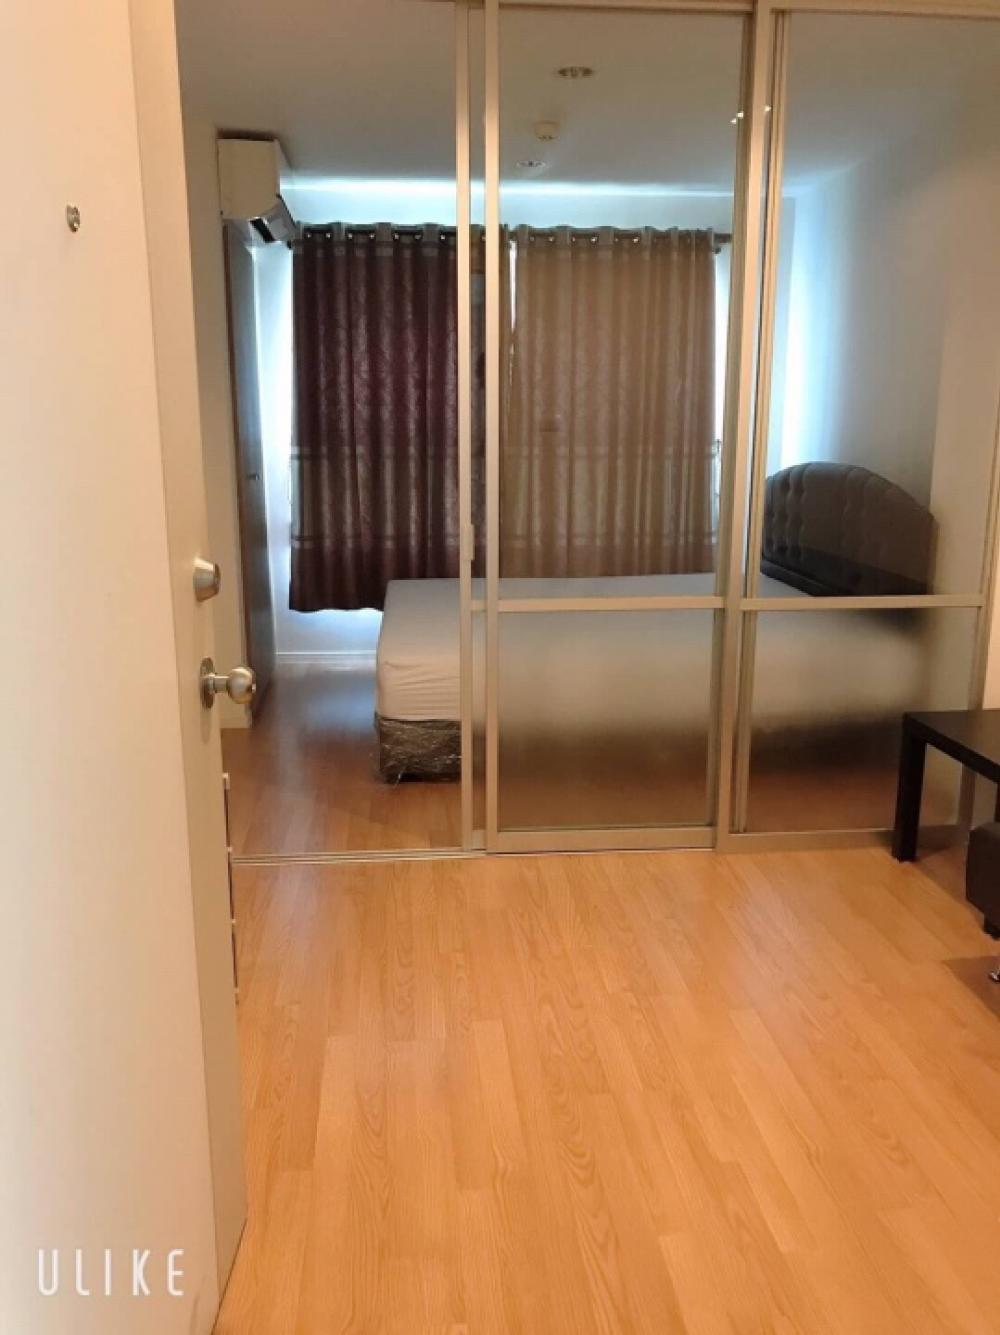 For RentCondoOnnut, Udomsuk : ให้เช่า LPN อ่อนนุช 46 ชั้น 3 ขนาด 26 ตรม. อยู่สบาย เฟอร์นิเจอร์ครบห้องสวย มีเครื่องซักผ้า